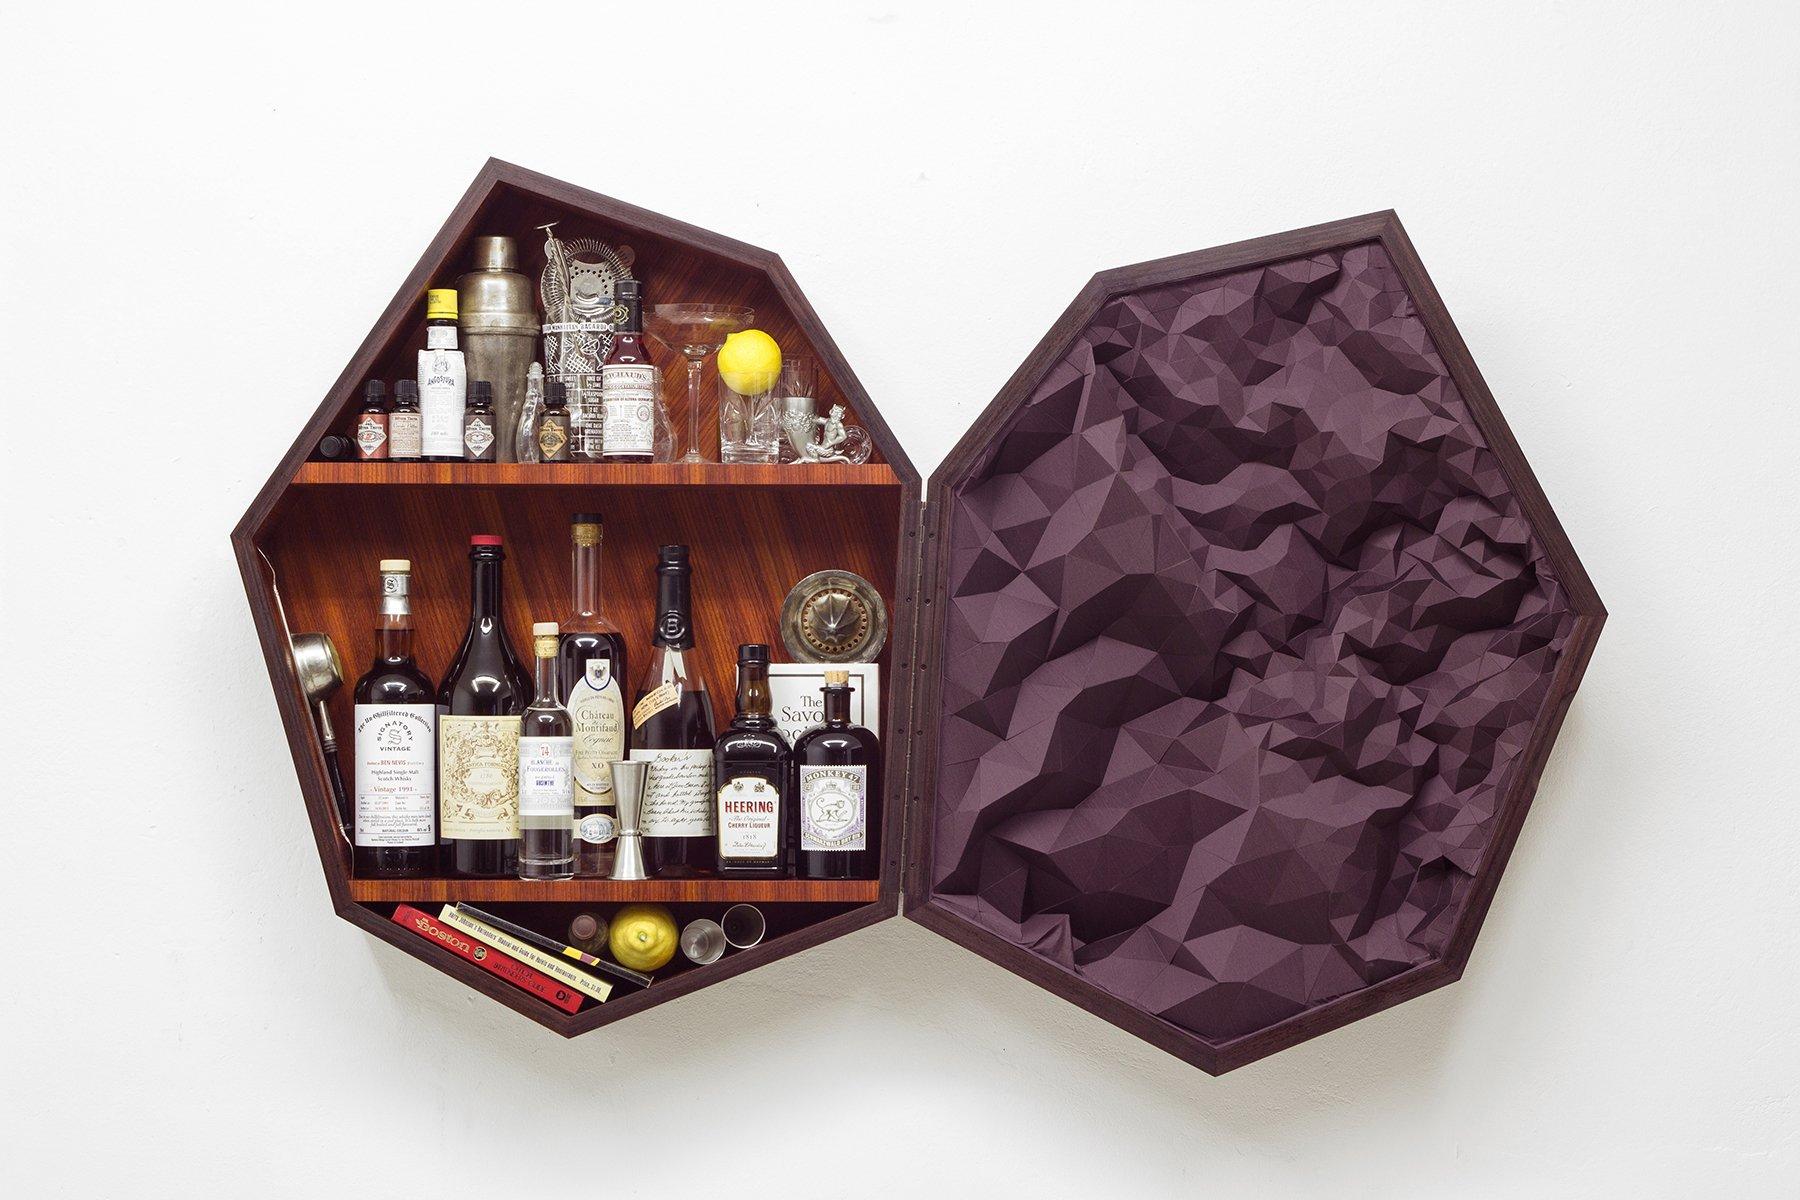 bar meuble de rangement septagon par elisa strozyk en vente sur pamono. Black Bedroom Furniture Sets. Home Design Ideas